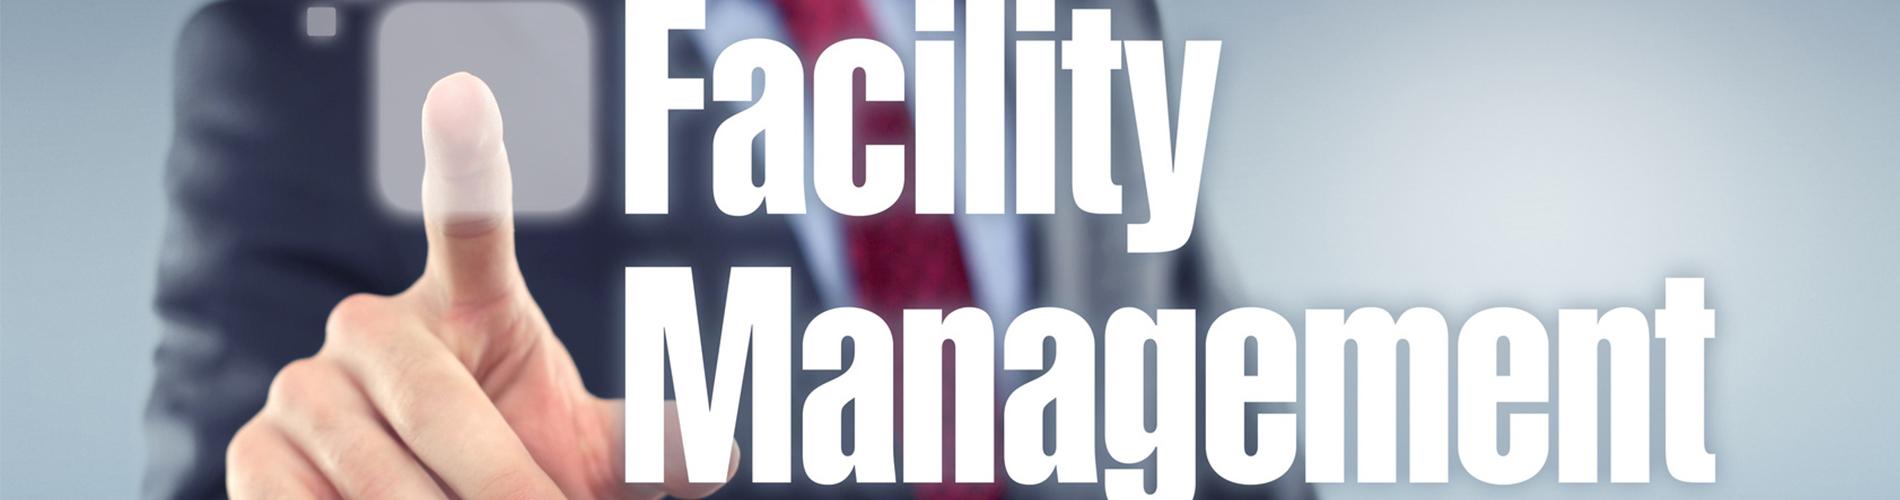 diesnox gebäudeservices facility management